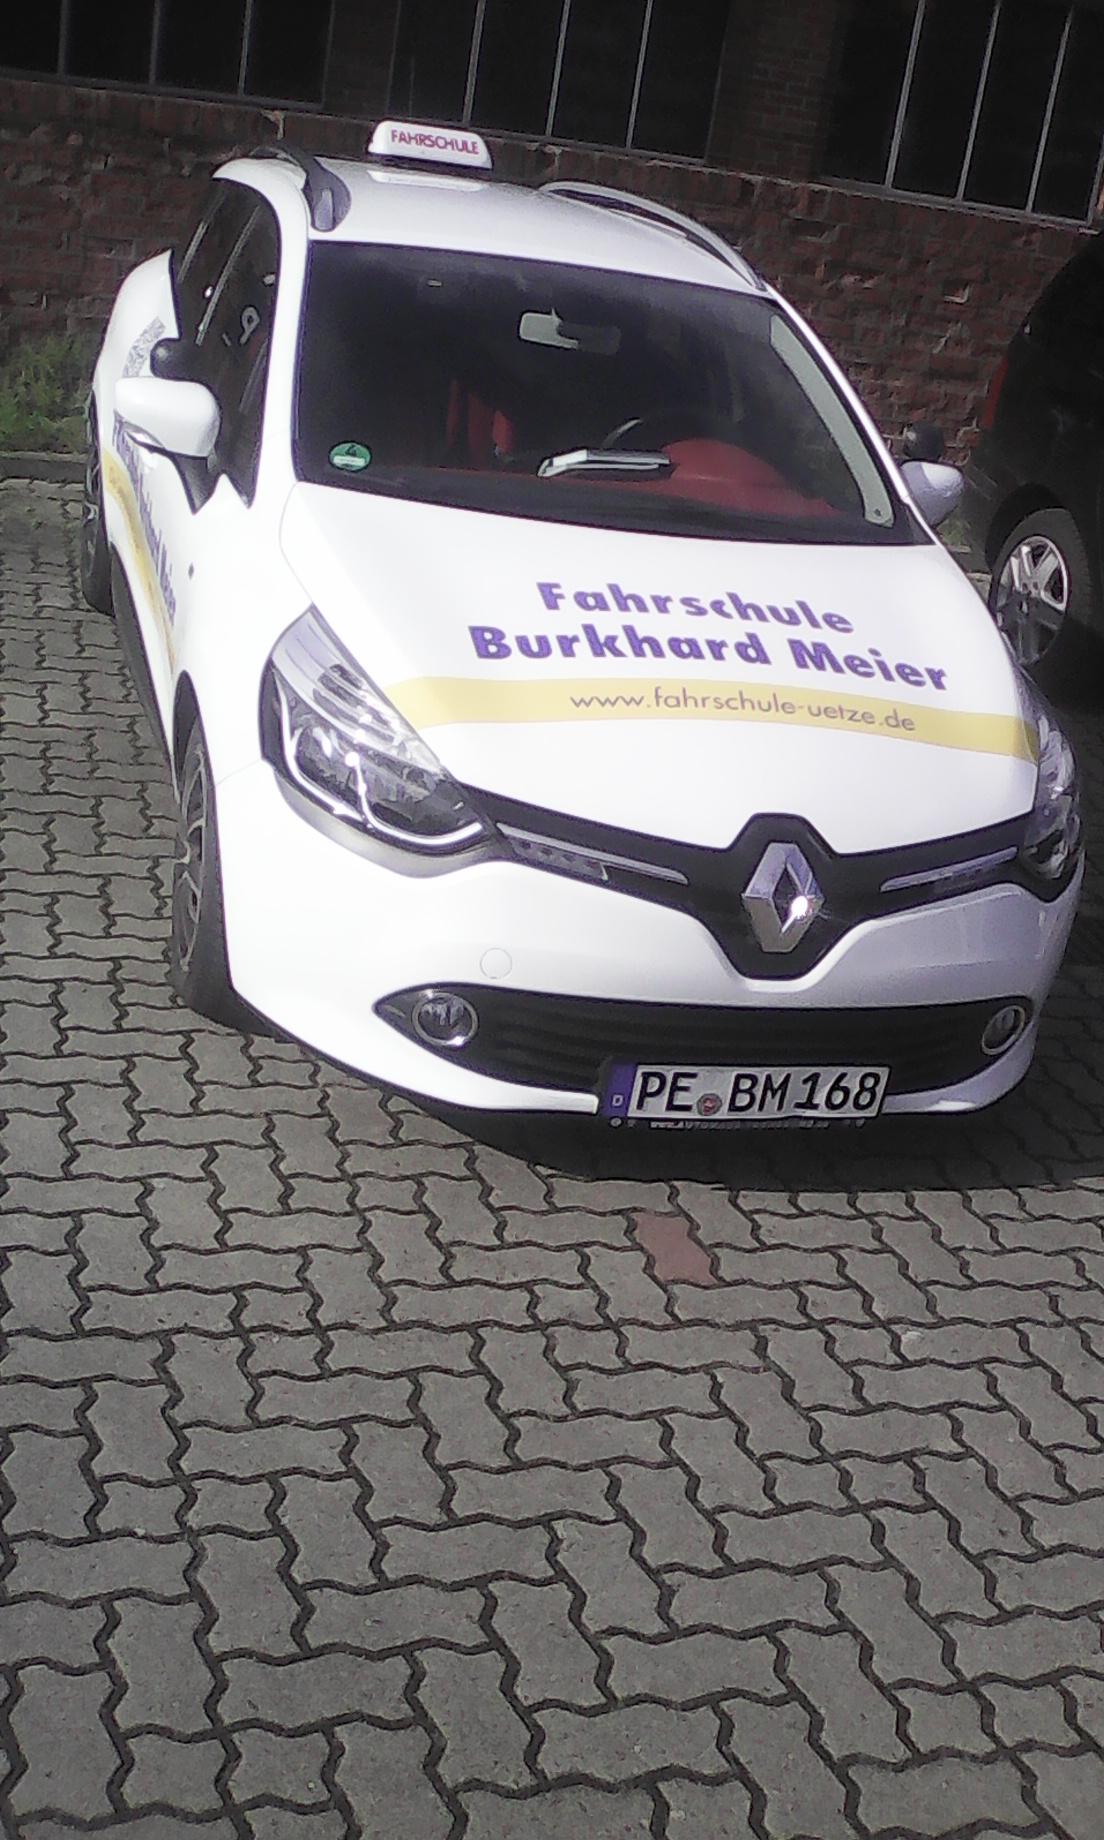 Fahrschule Burkhard Meier